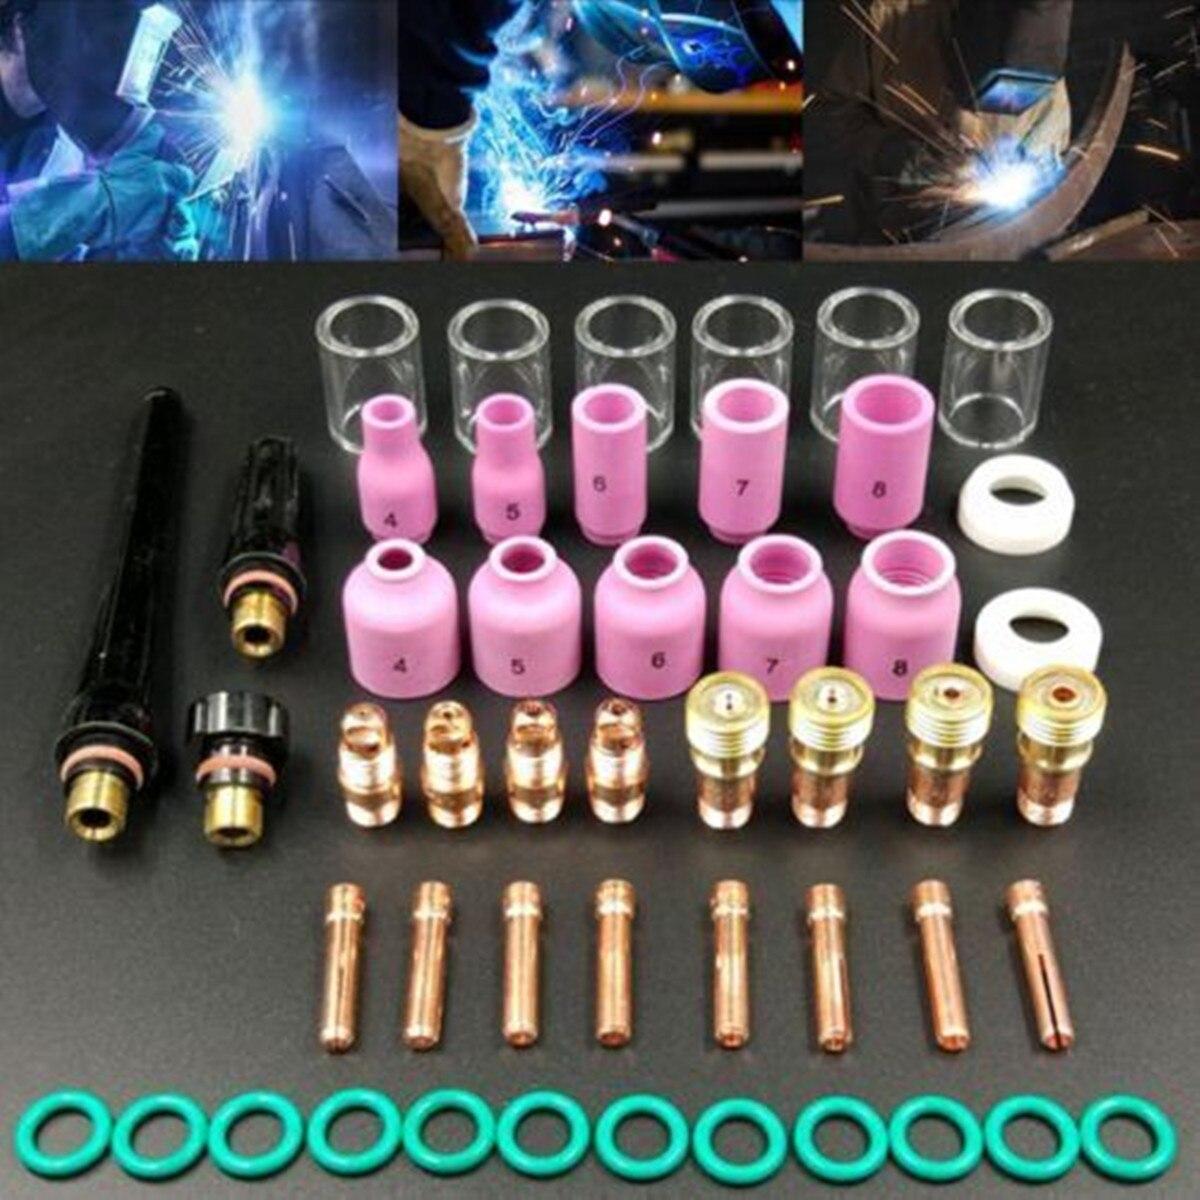 Tocha de soldagem stubby gás lente 49 pçs para WP-17/18/26 tig #10 pyrex copo de vidro kit durável prático acessórios de soldagem fácil uso